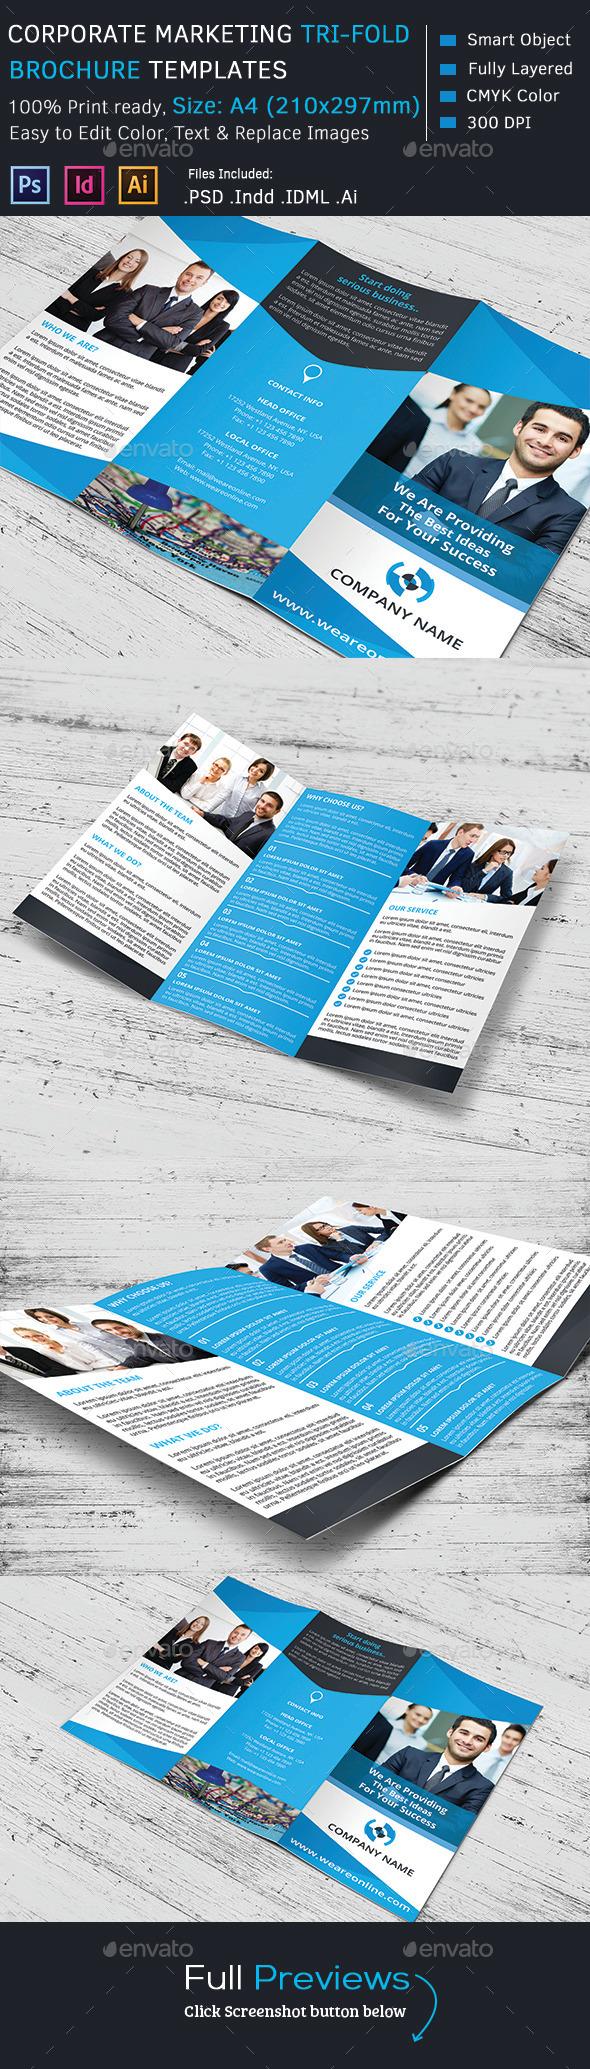 GraphicRiver Corporate Marketing Tri-Fold Brochure 9516783